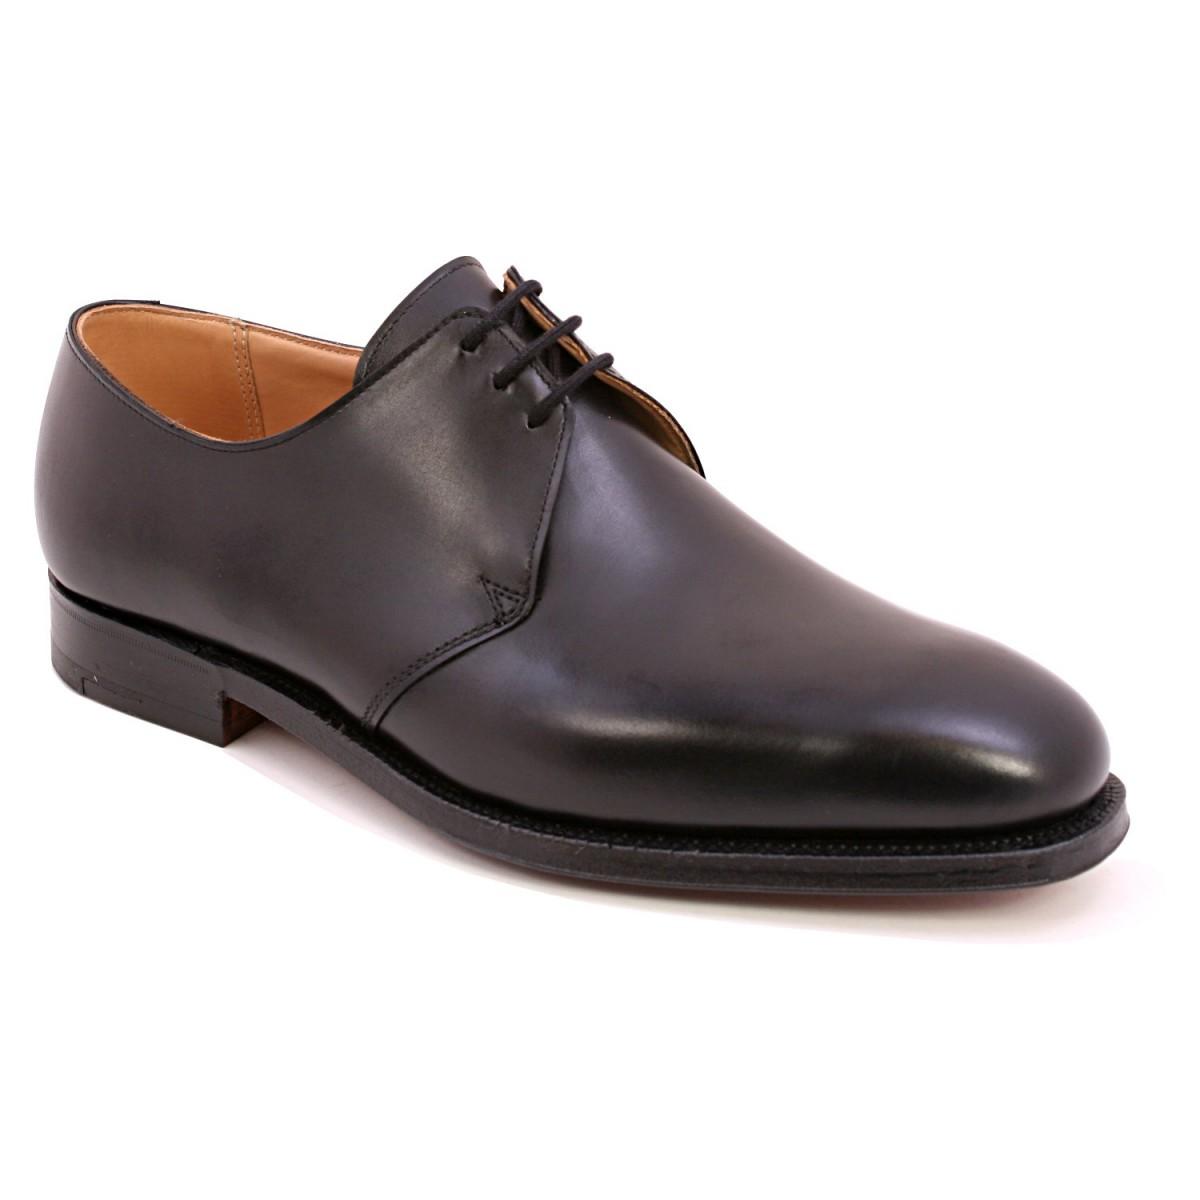 【Crockett and Jones】Dartmouth ワイズG クロケット&ジョーンズ ダービーシューズ「ダートマス」ブラック カーフレザー 黒イギリス製 革靴 UKサイズ7